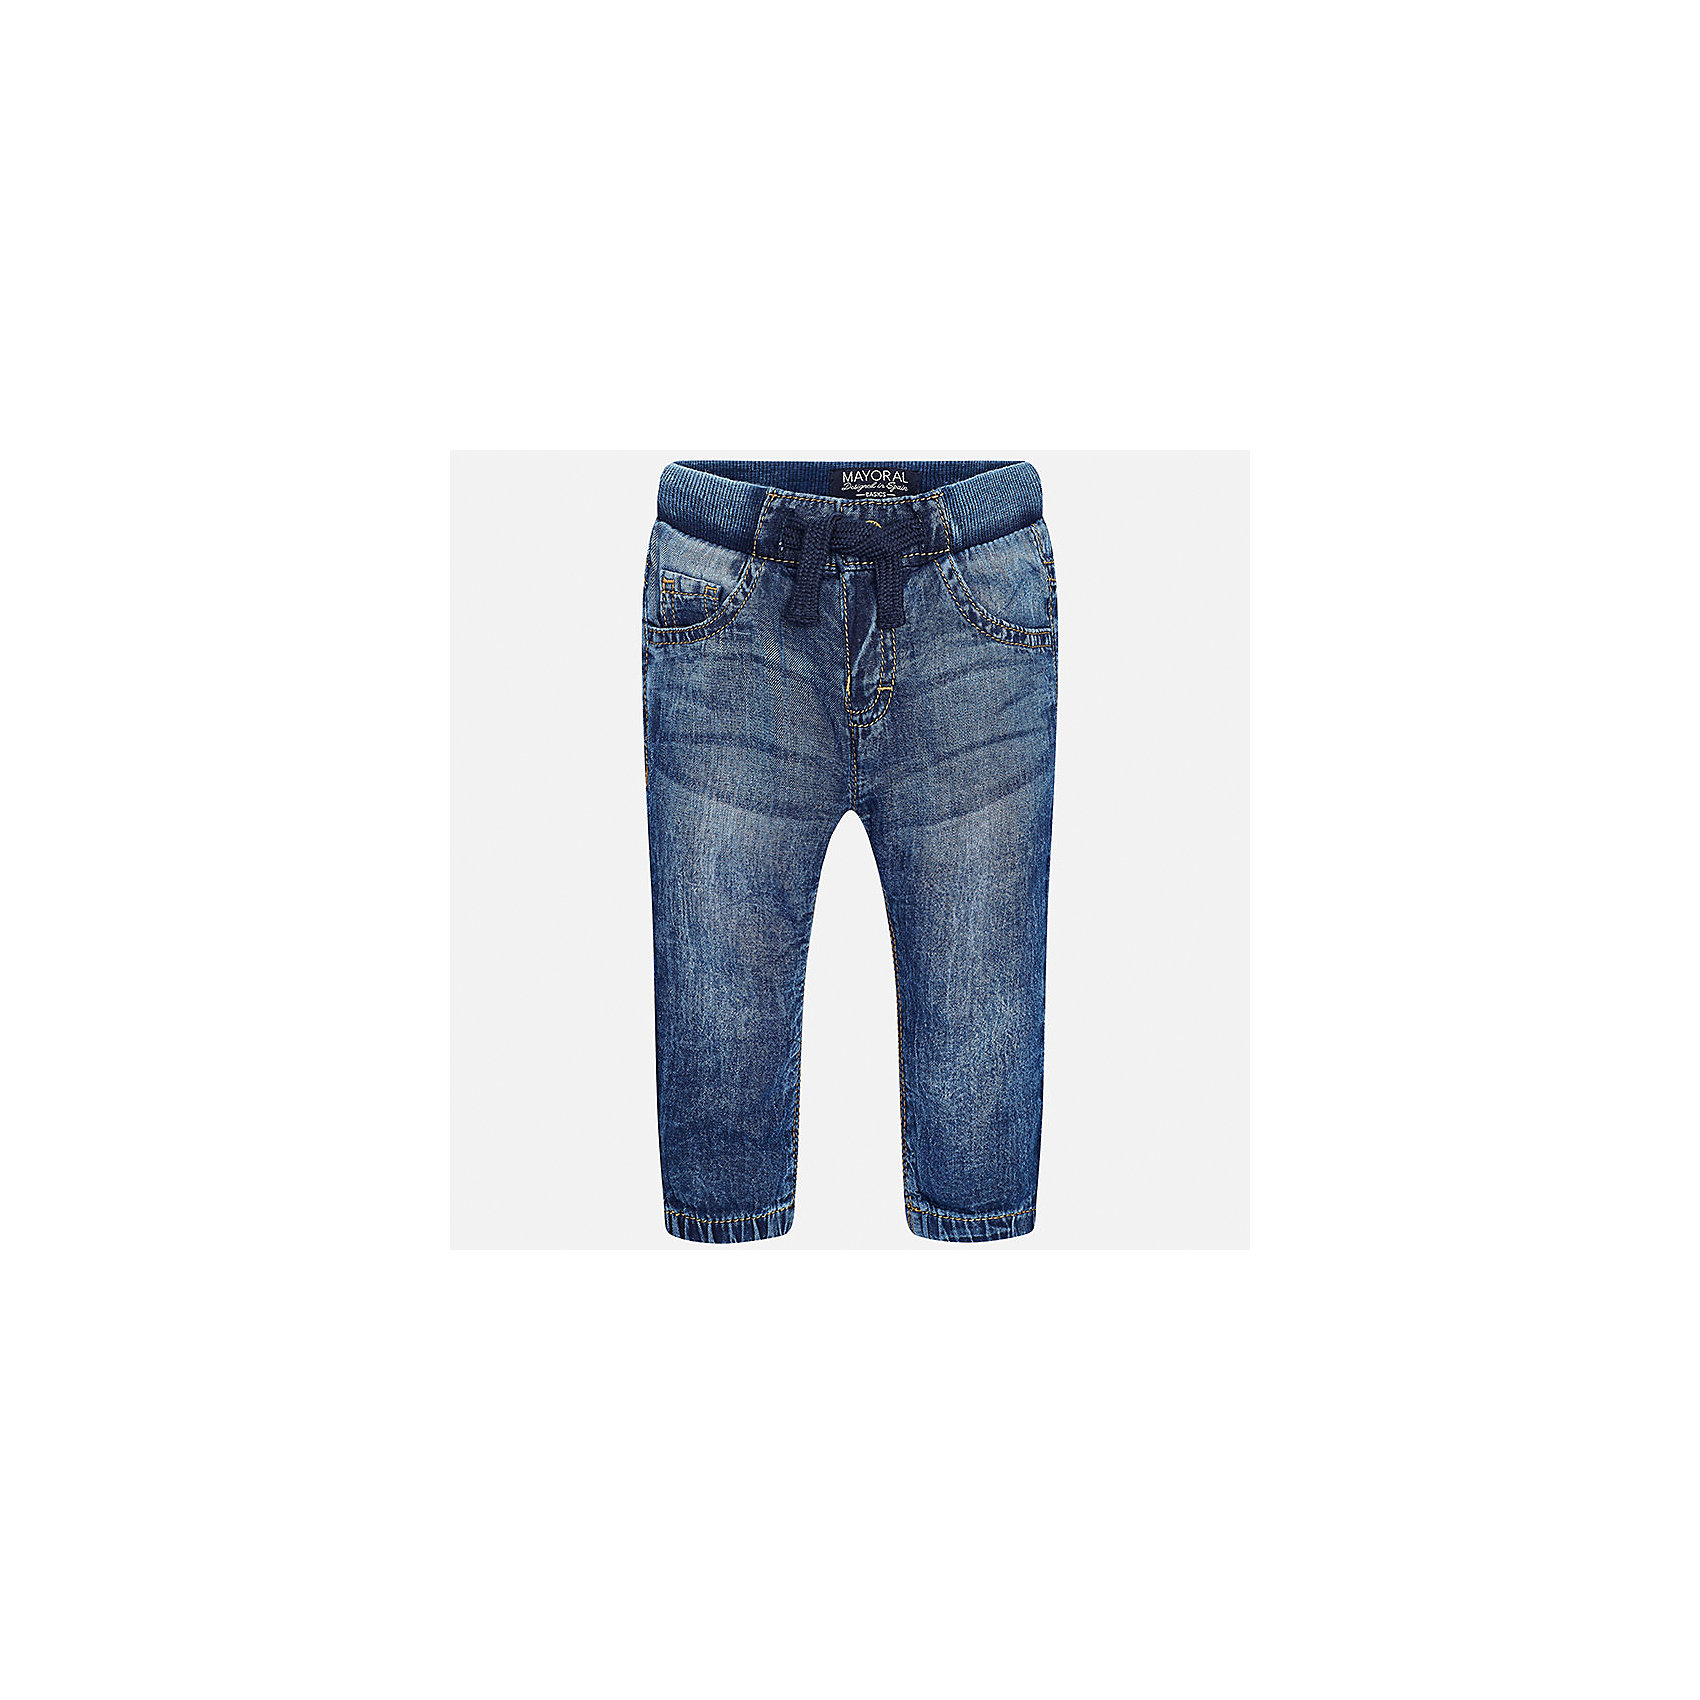 Джинсы для мальчика MayoralДжинсовая одежда<br>Характеристики товара:<br><br>• цвет: синий<br>• состав: 100% хлопок<br>• имитация потертости<br>• шлевки<br>• карманы<br>• пояс - мягкая резинка<br>• классический силуэт<br>• страна бренда: Испания<br><br>Модные джинсы для мальчика смогут стать базовой вещью в гардеробе ребенка. Они отлично сочетаются с майками, футболками, рубашками и т.д. Универсальный крой и цвет позволяет подобрать к вещи верх разных расцветок. Практичное и стильное изделие! В составе материала - натуральный хлопок, гипоаллергенный, приятный на ощупь, дышащий.<br><br>Одежда, обувь и аксессуары от испанского бренда Mayoral полюбились детям и взрослым по всему миру. Модели этой марки - стильные и удобные. Для их производства используются только безопасные, качественные материалы и фурнитура. Порадуйте ребенка модными и красивыми вещами от Mayoral! <br><br>Джинсы для мальчика от испанского бренда Mayoral (Майорал) можно купить в нашем интернет-магазине.<br><br>Ширина мм: 215<br>Глубина мм: 88<br>Высота мм: 191<br>Вес г: 336<br>Цвет: синий<br>Возраст от месяцев: 12<br>Возраст до месяцев: 18<br>Пол: Мужской<br>Возраст: Детский<br>Размер: 86,80,92<br>SKU: 5278017